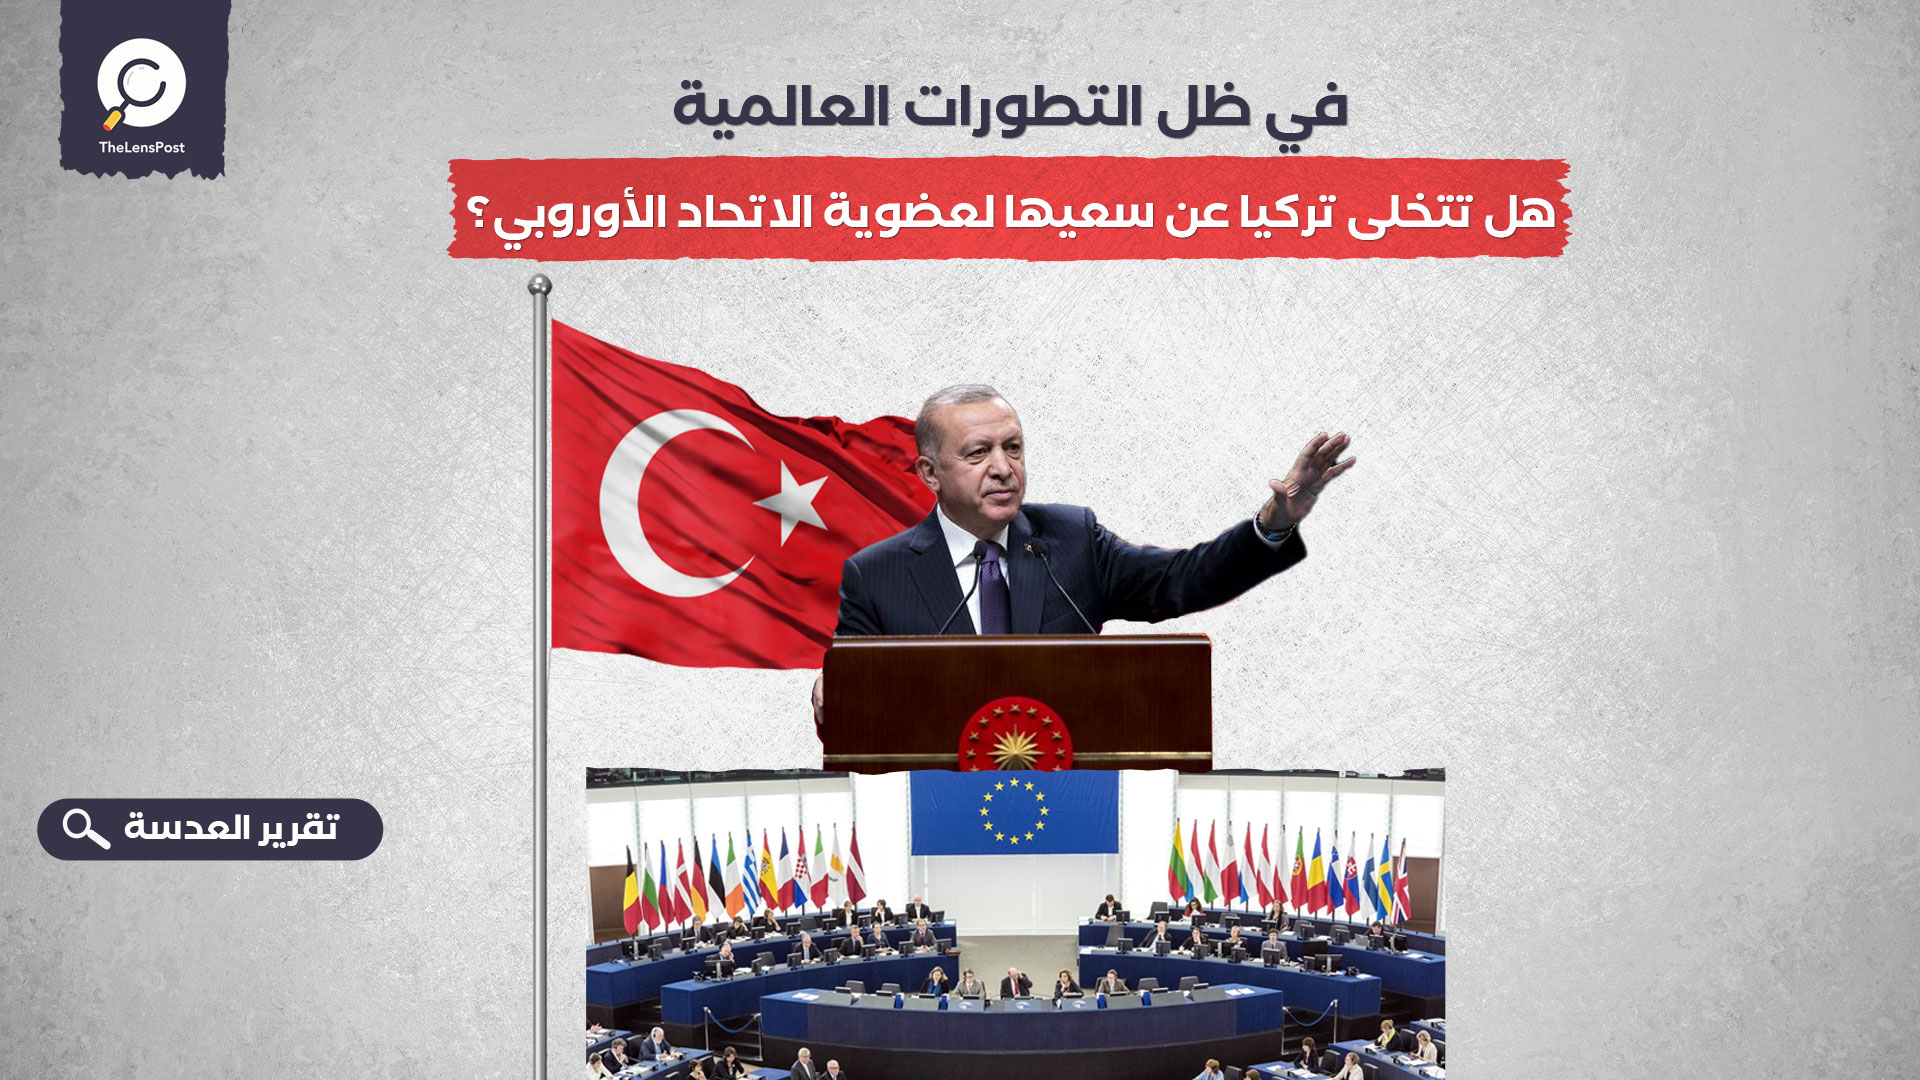 في ظل التطورات العالمية.. هل تتخلى تركيا عن سعيها لعضوية الاتحاد الأوروبي؟